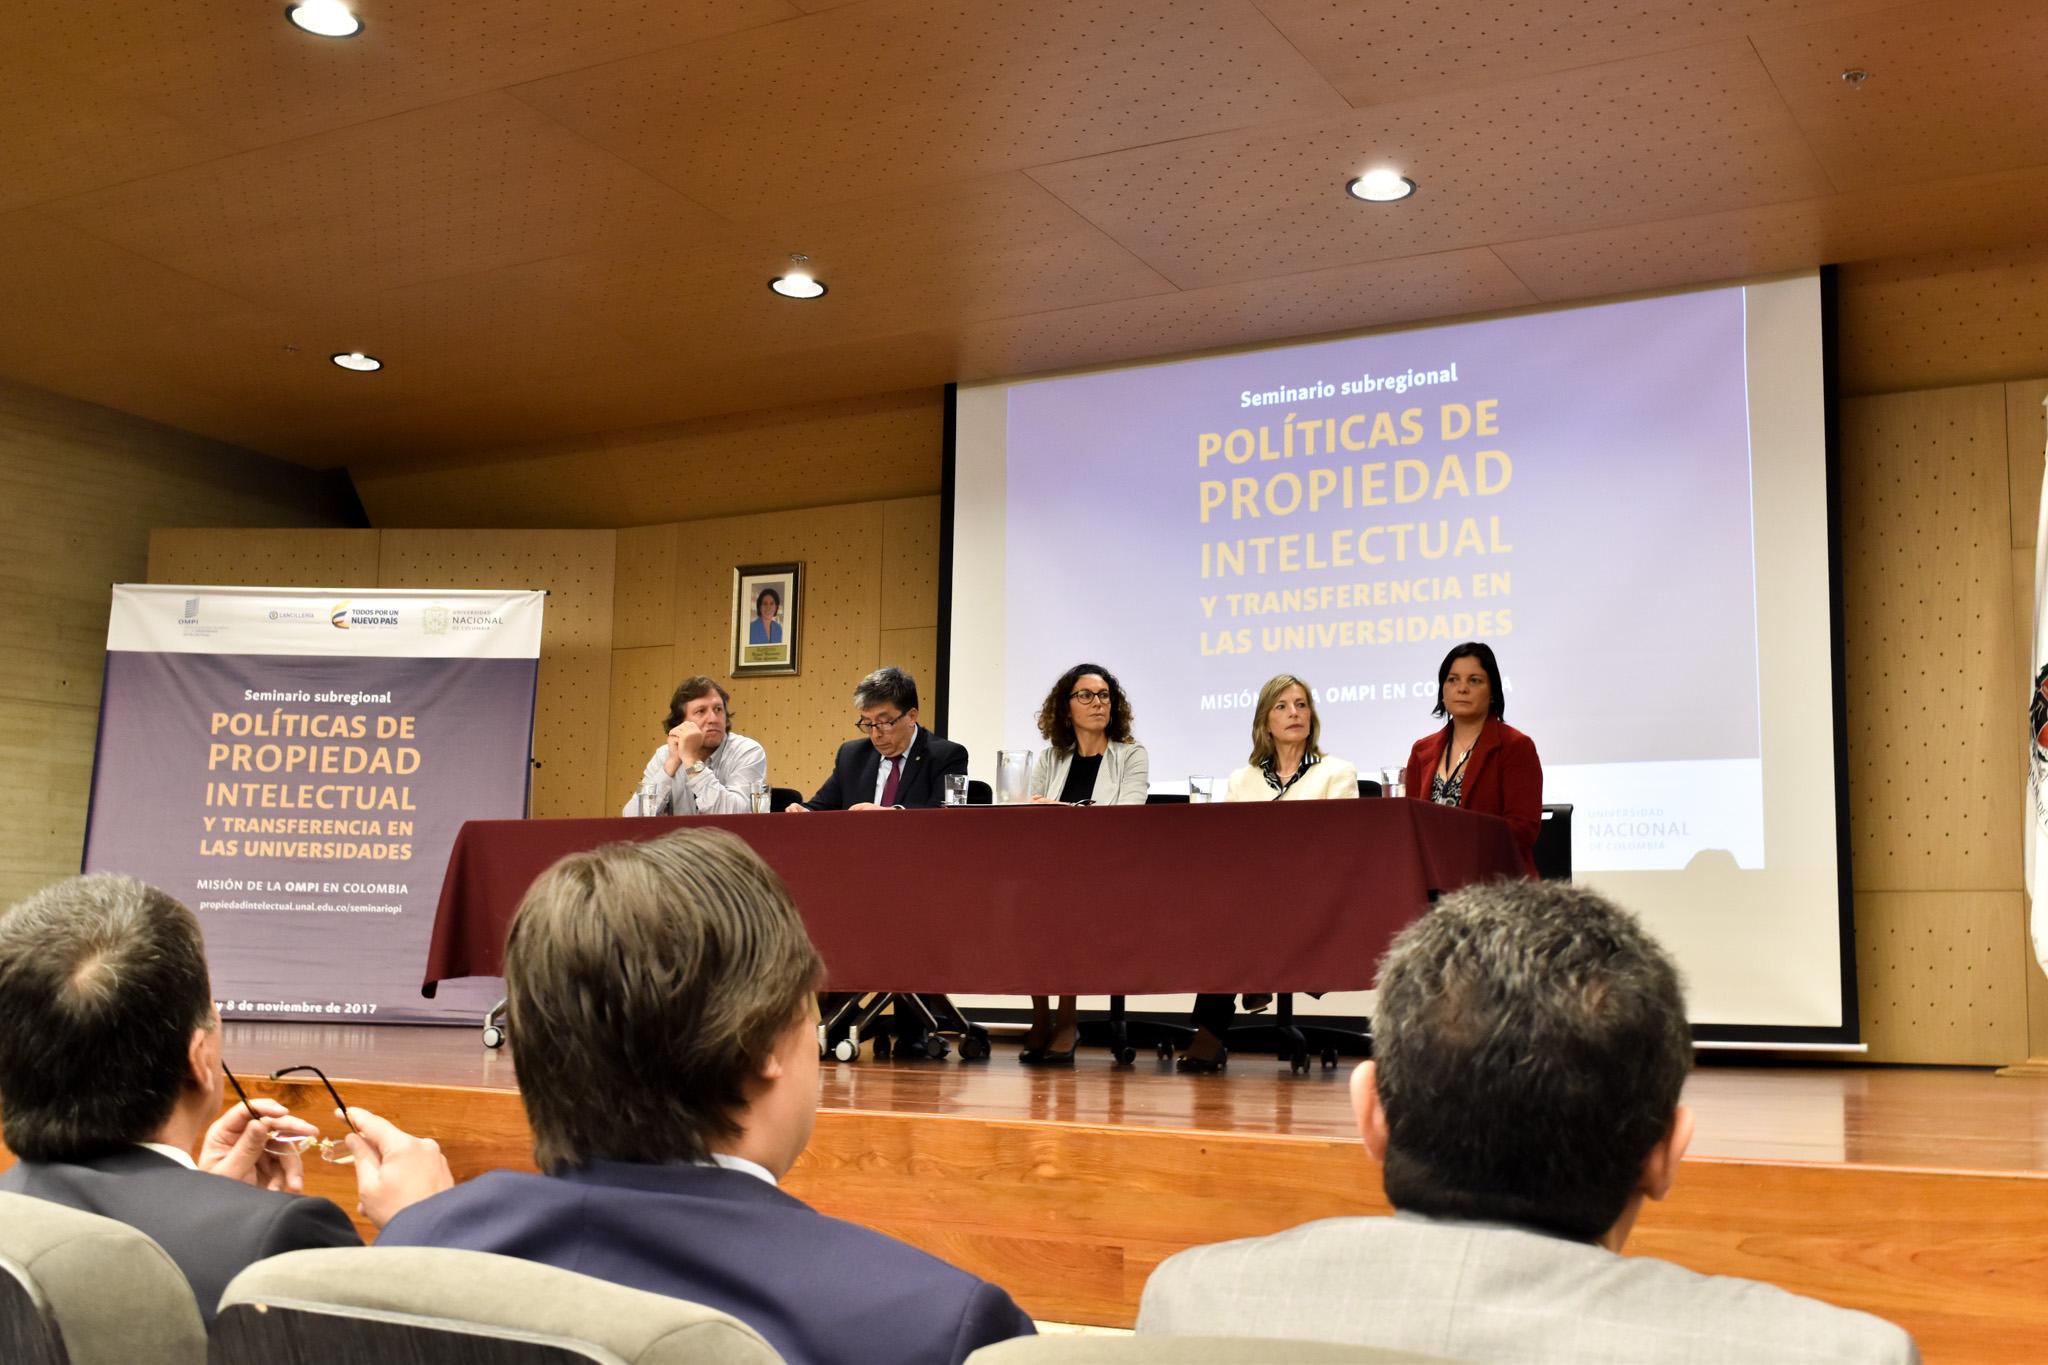 Foto: Aura Flechas /Dirección Nacional de Extensión, Innovación y Propiedad Intelectual / Vicerrectoría de Investigación  /Universidad Nacional de Colombia